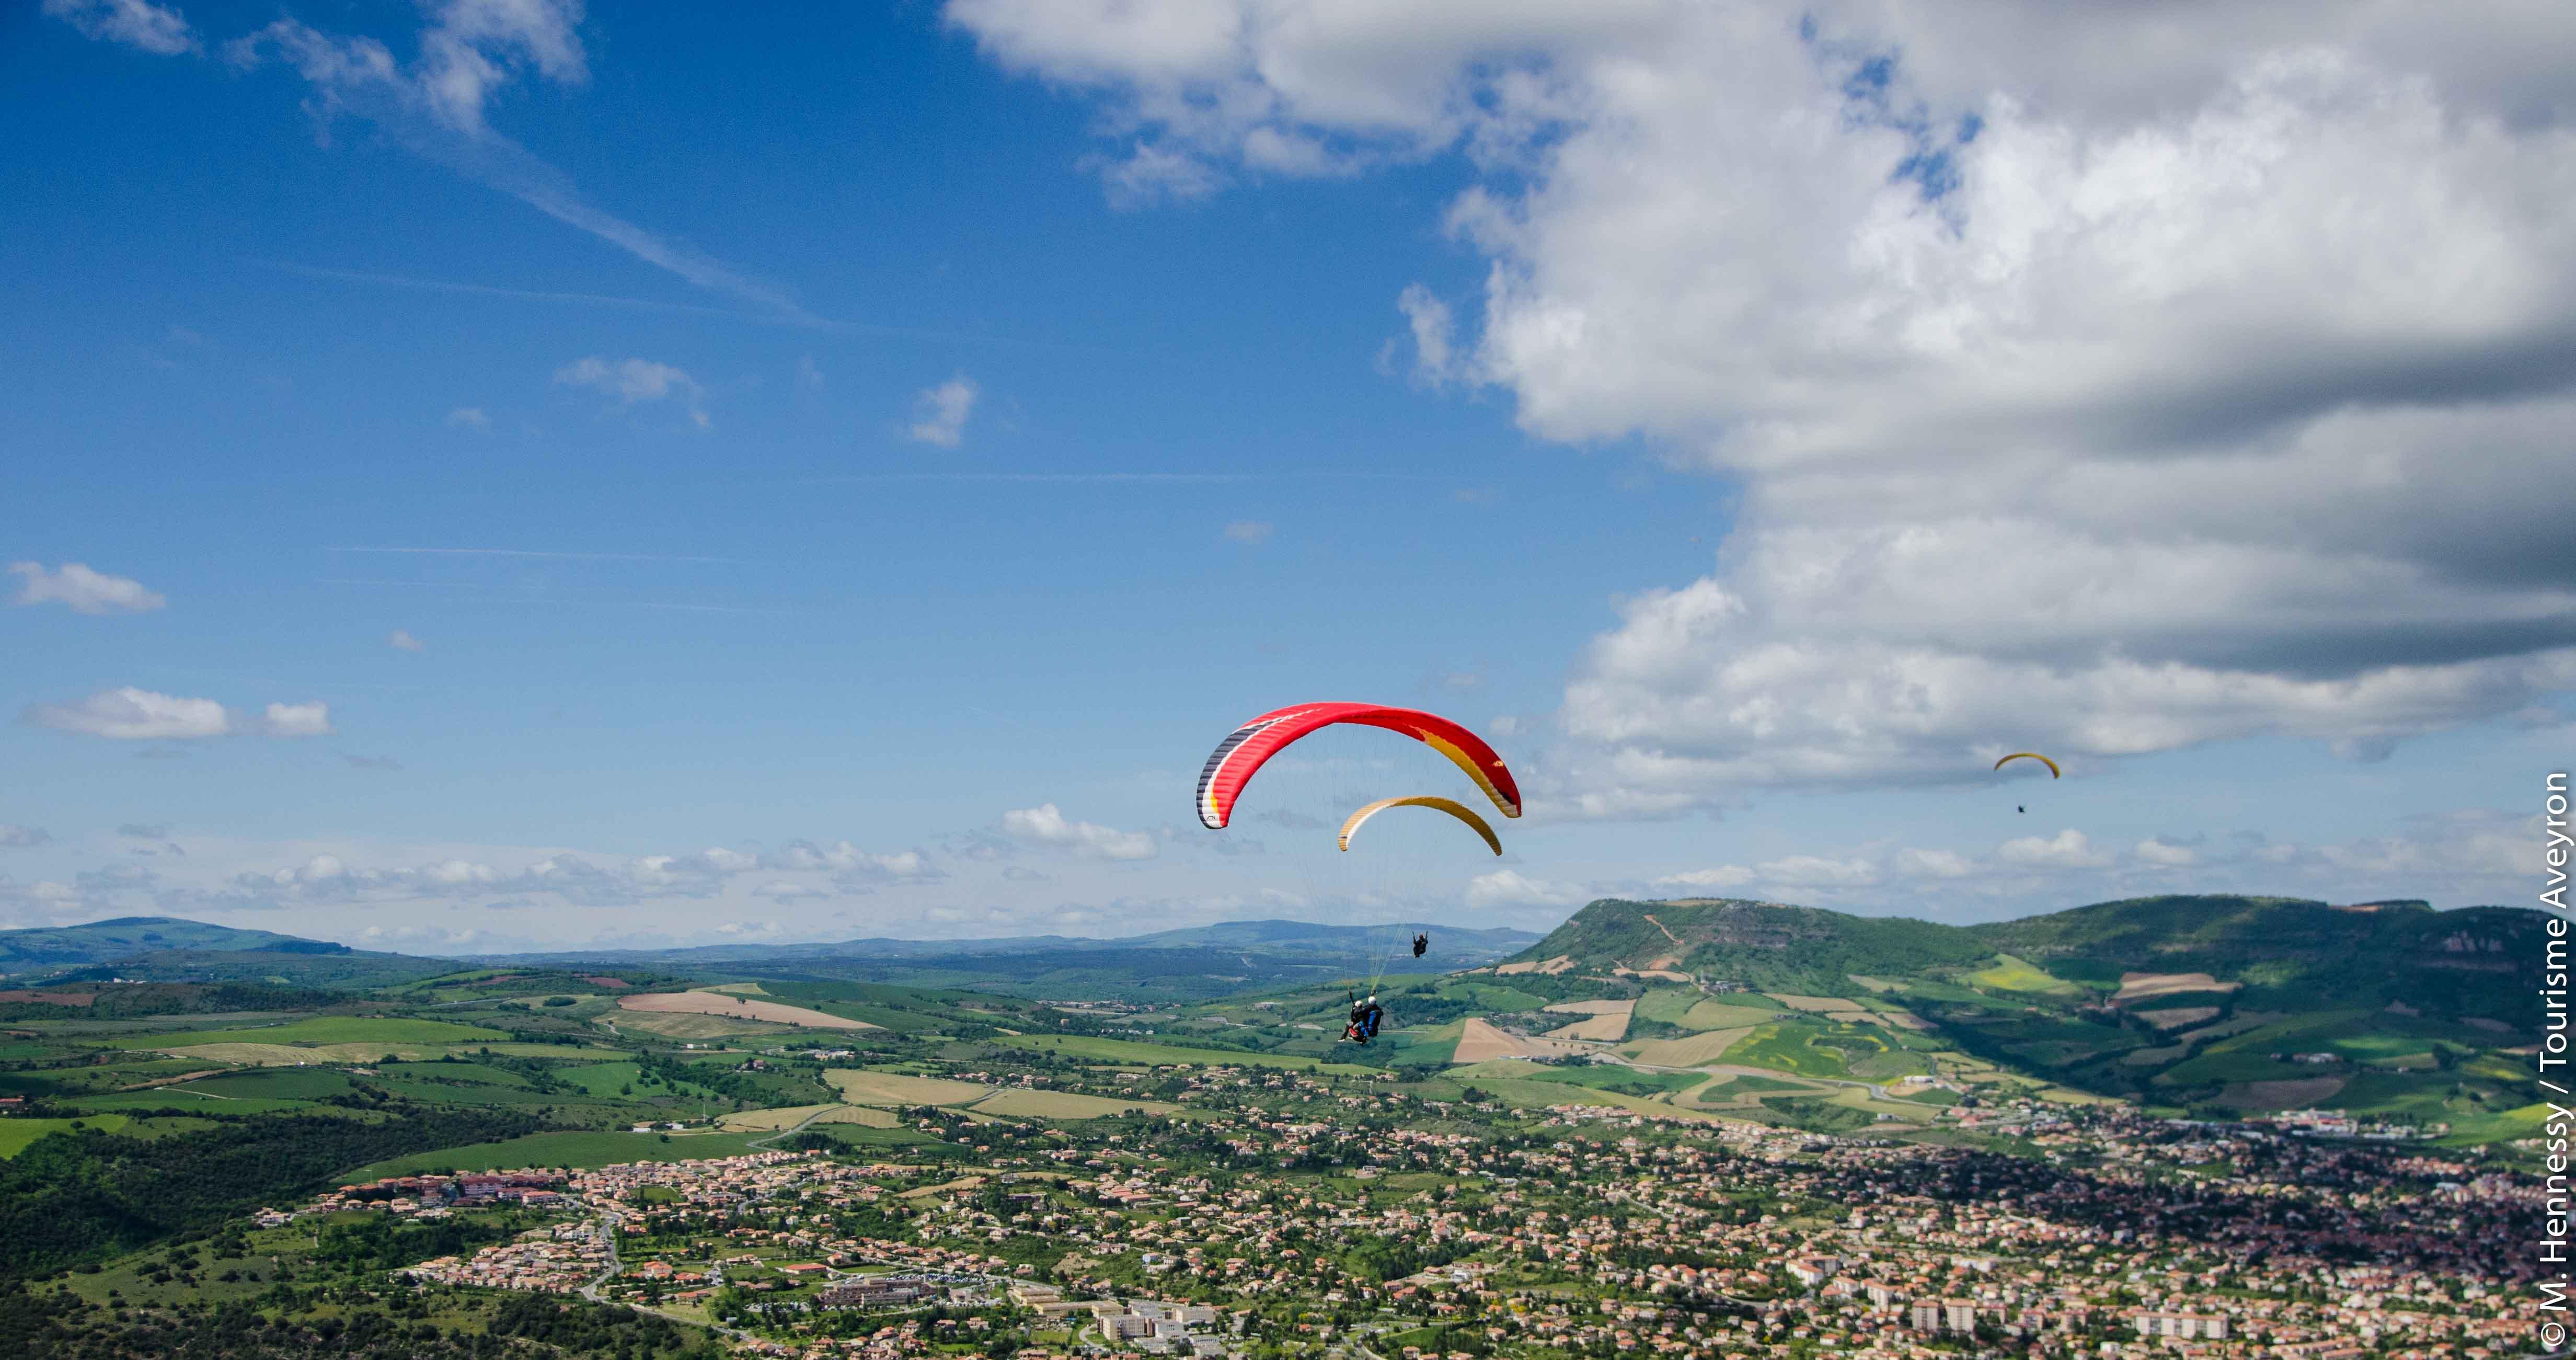 Parapente au-dessus de Millau, Aveyron© M. Hennessy - Tourisme Aveyron